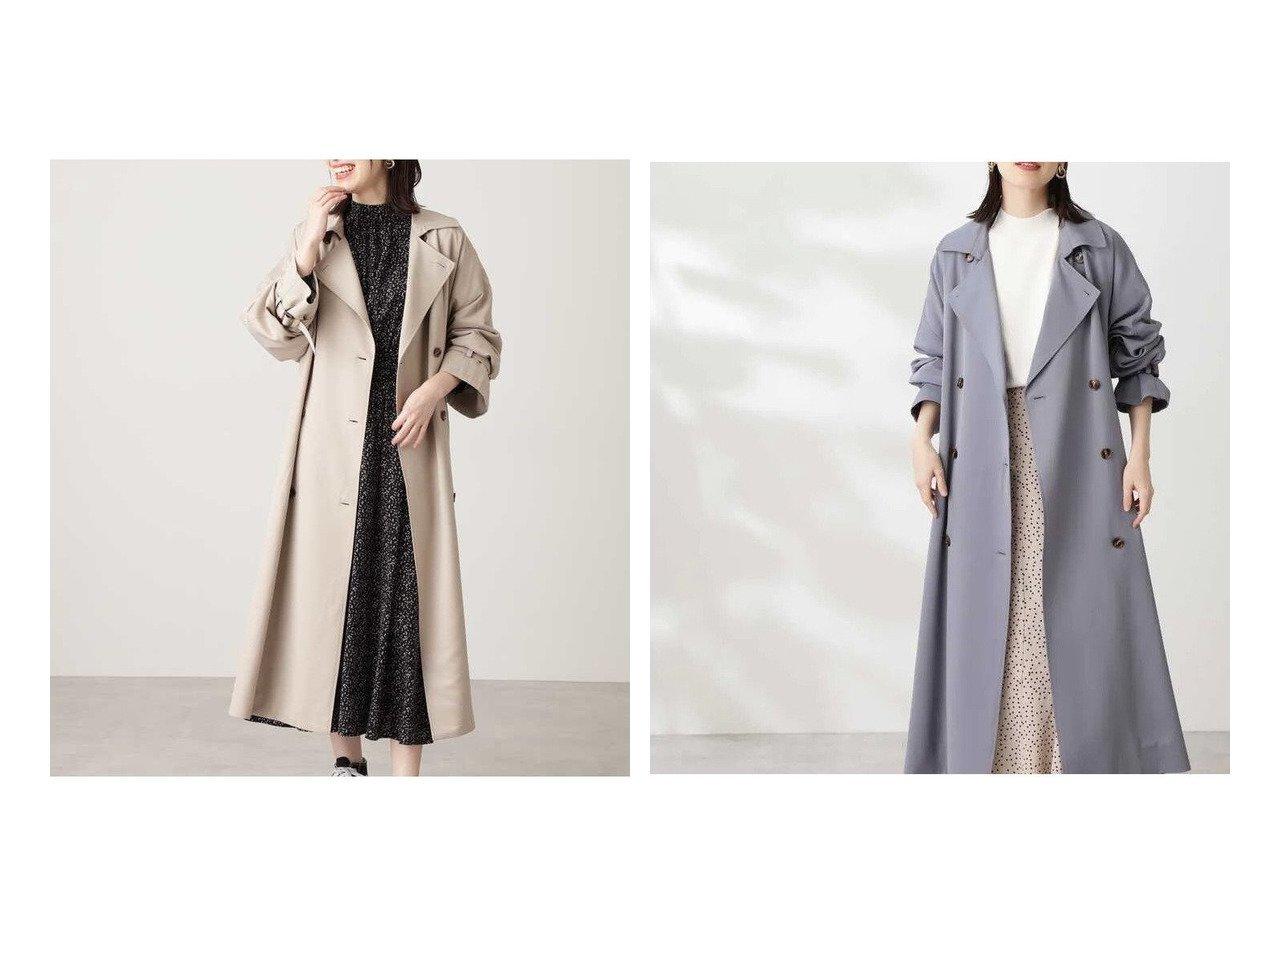 【N.Natural Beauty basic/エヌ ナチュラルビューティーベーシック】の《WEB限定商品》オーバーサイズトレンチコート 【アウター】おすすめ!人気、トレンド・レディースファッションの通販 おすすめで人気の流行・トレンド、ファッションの通販商品 インテリア・家具・メンズファッション・キッズファッション・レディースファッション・服の通販 founy(ファニー) https://founy.com/ ファッション Fashion レディースファッション WOMEN アウター Coat Outerwear コート Coats トレンチコート Trench Coats ショルダー シンプル ドロップ ヨーク リボン |ID:crp329100000060564